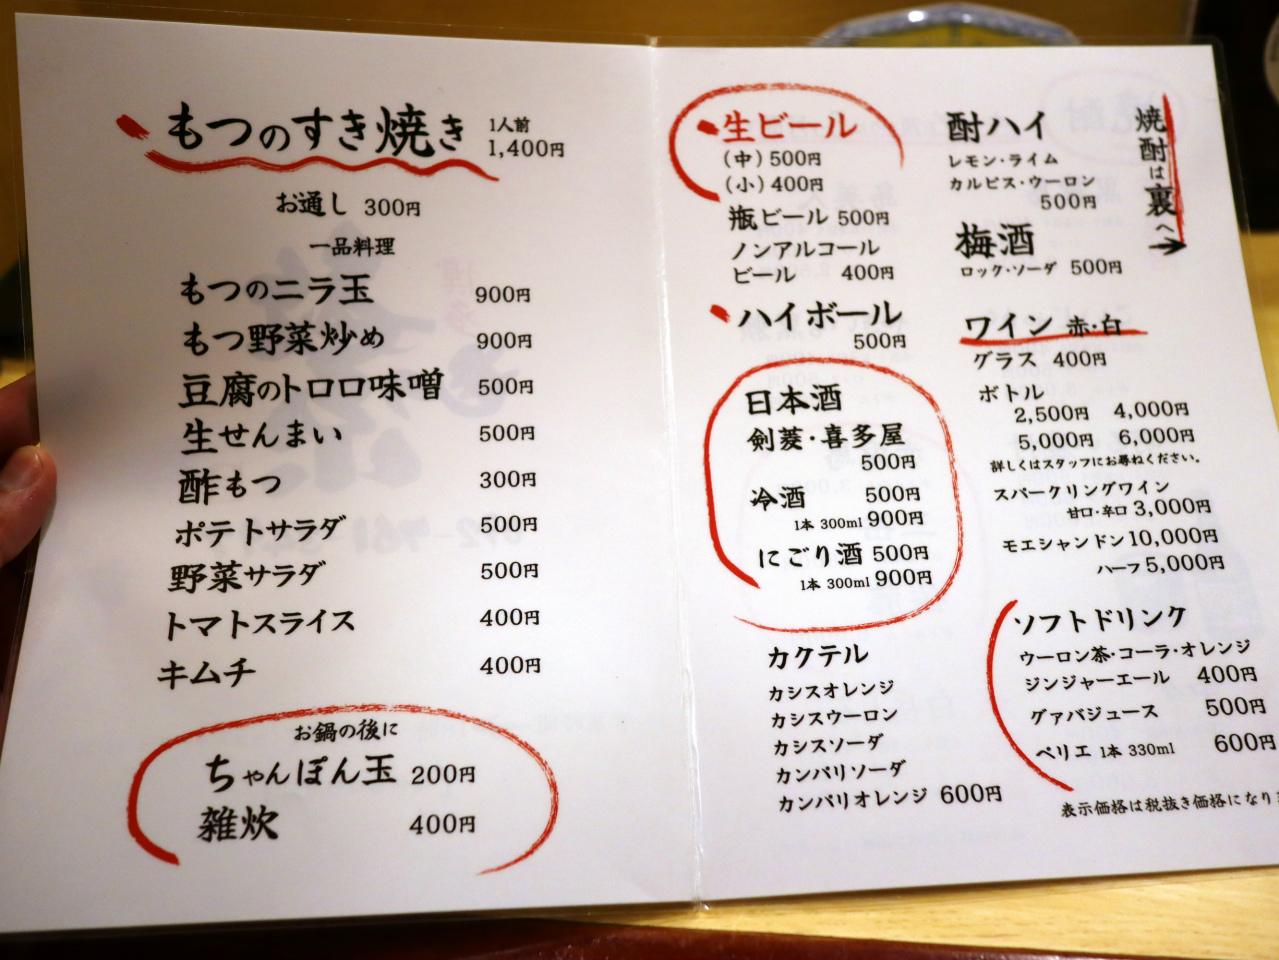 書く すき焼き 漢字 と で